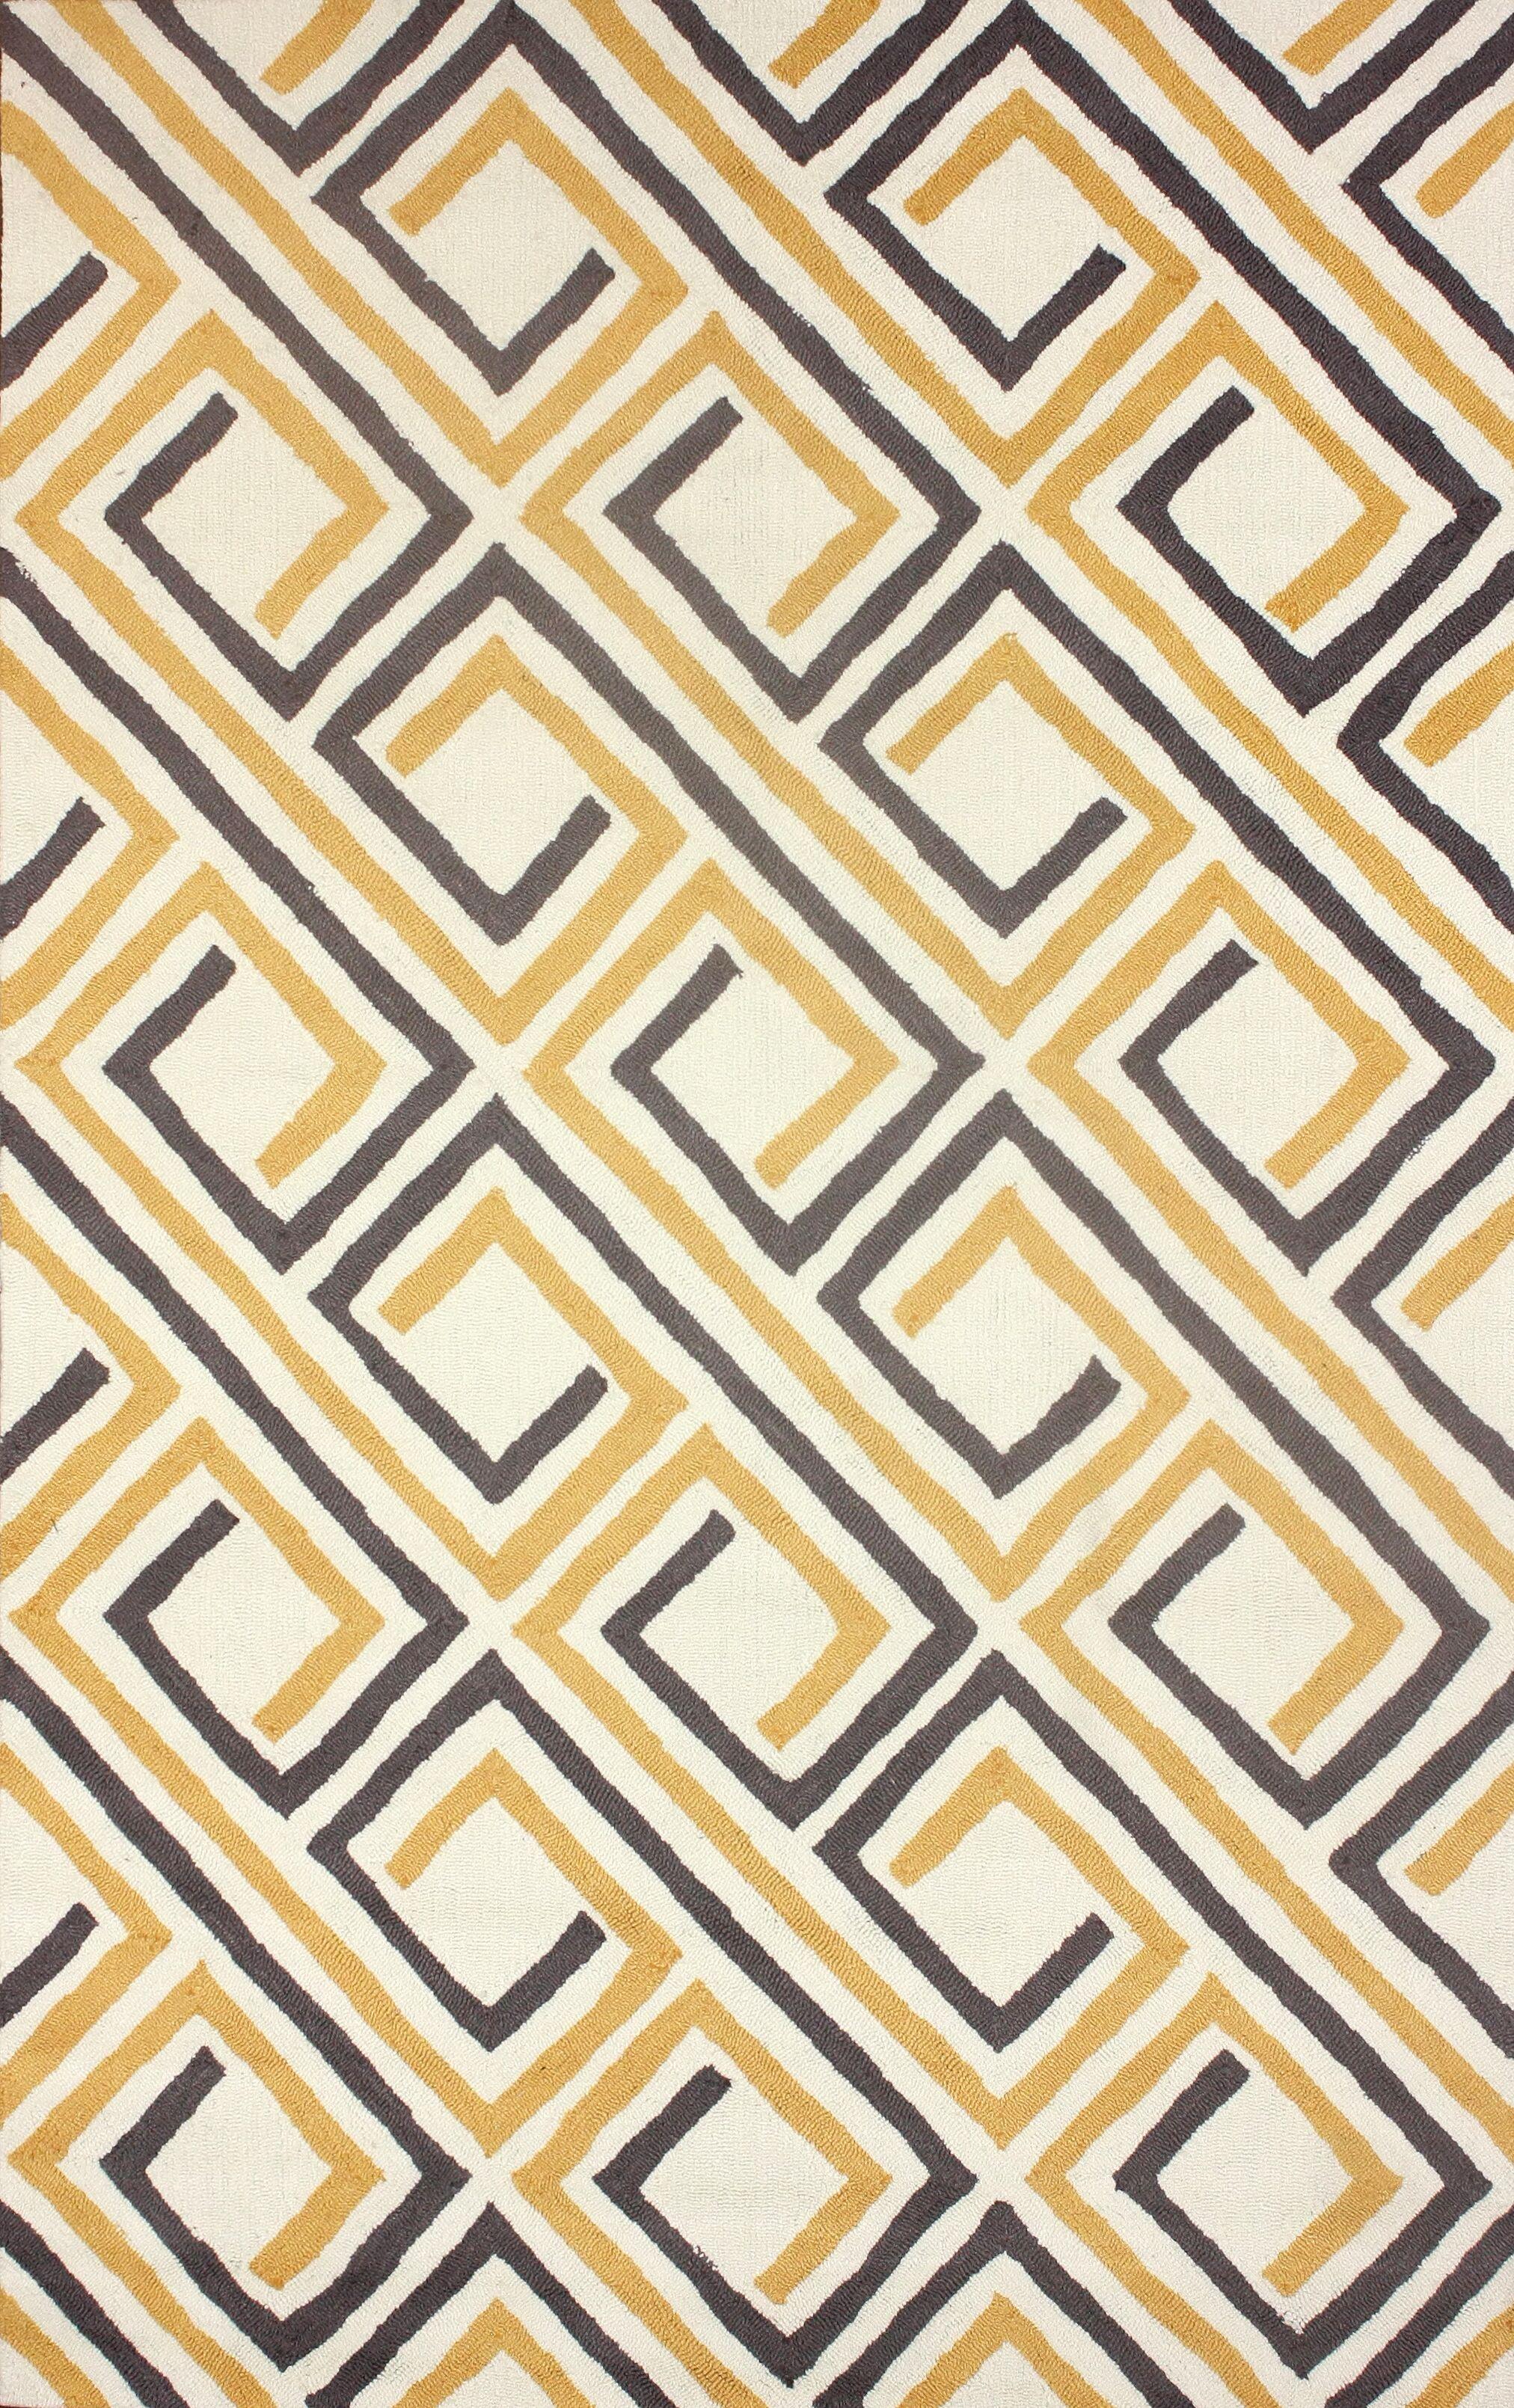 Uzbek Hand-Hooked Yellow/Gray Area Rug Rug Size: Rectangle 7'6